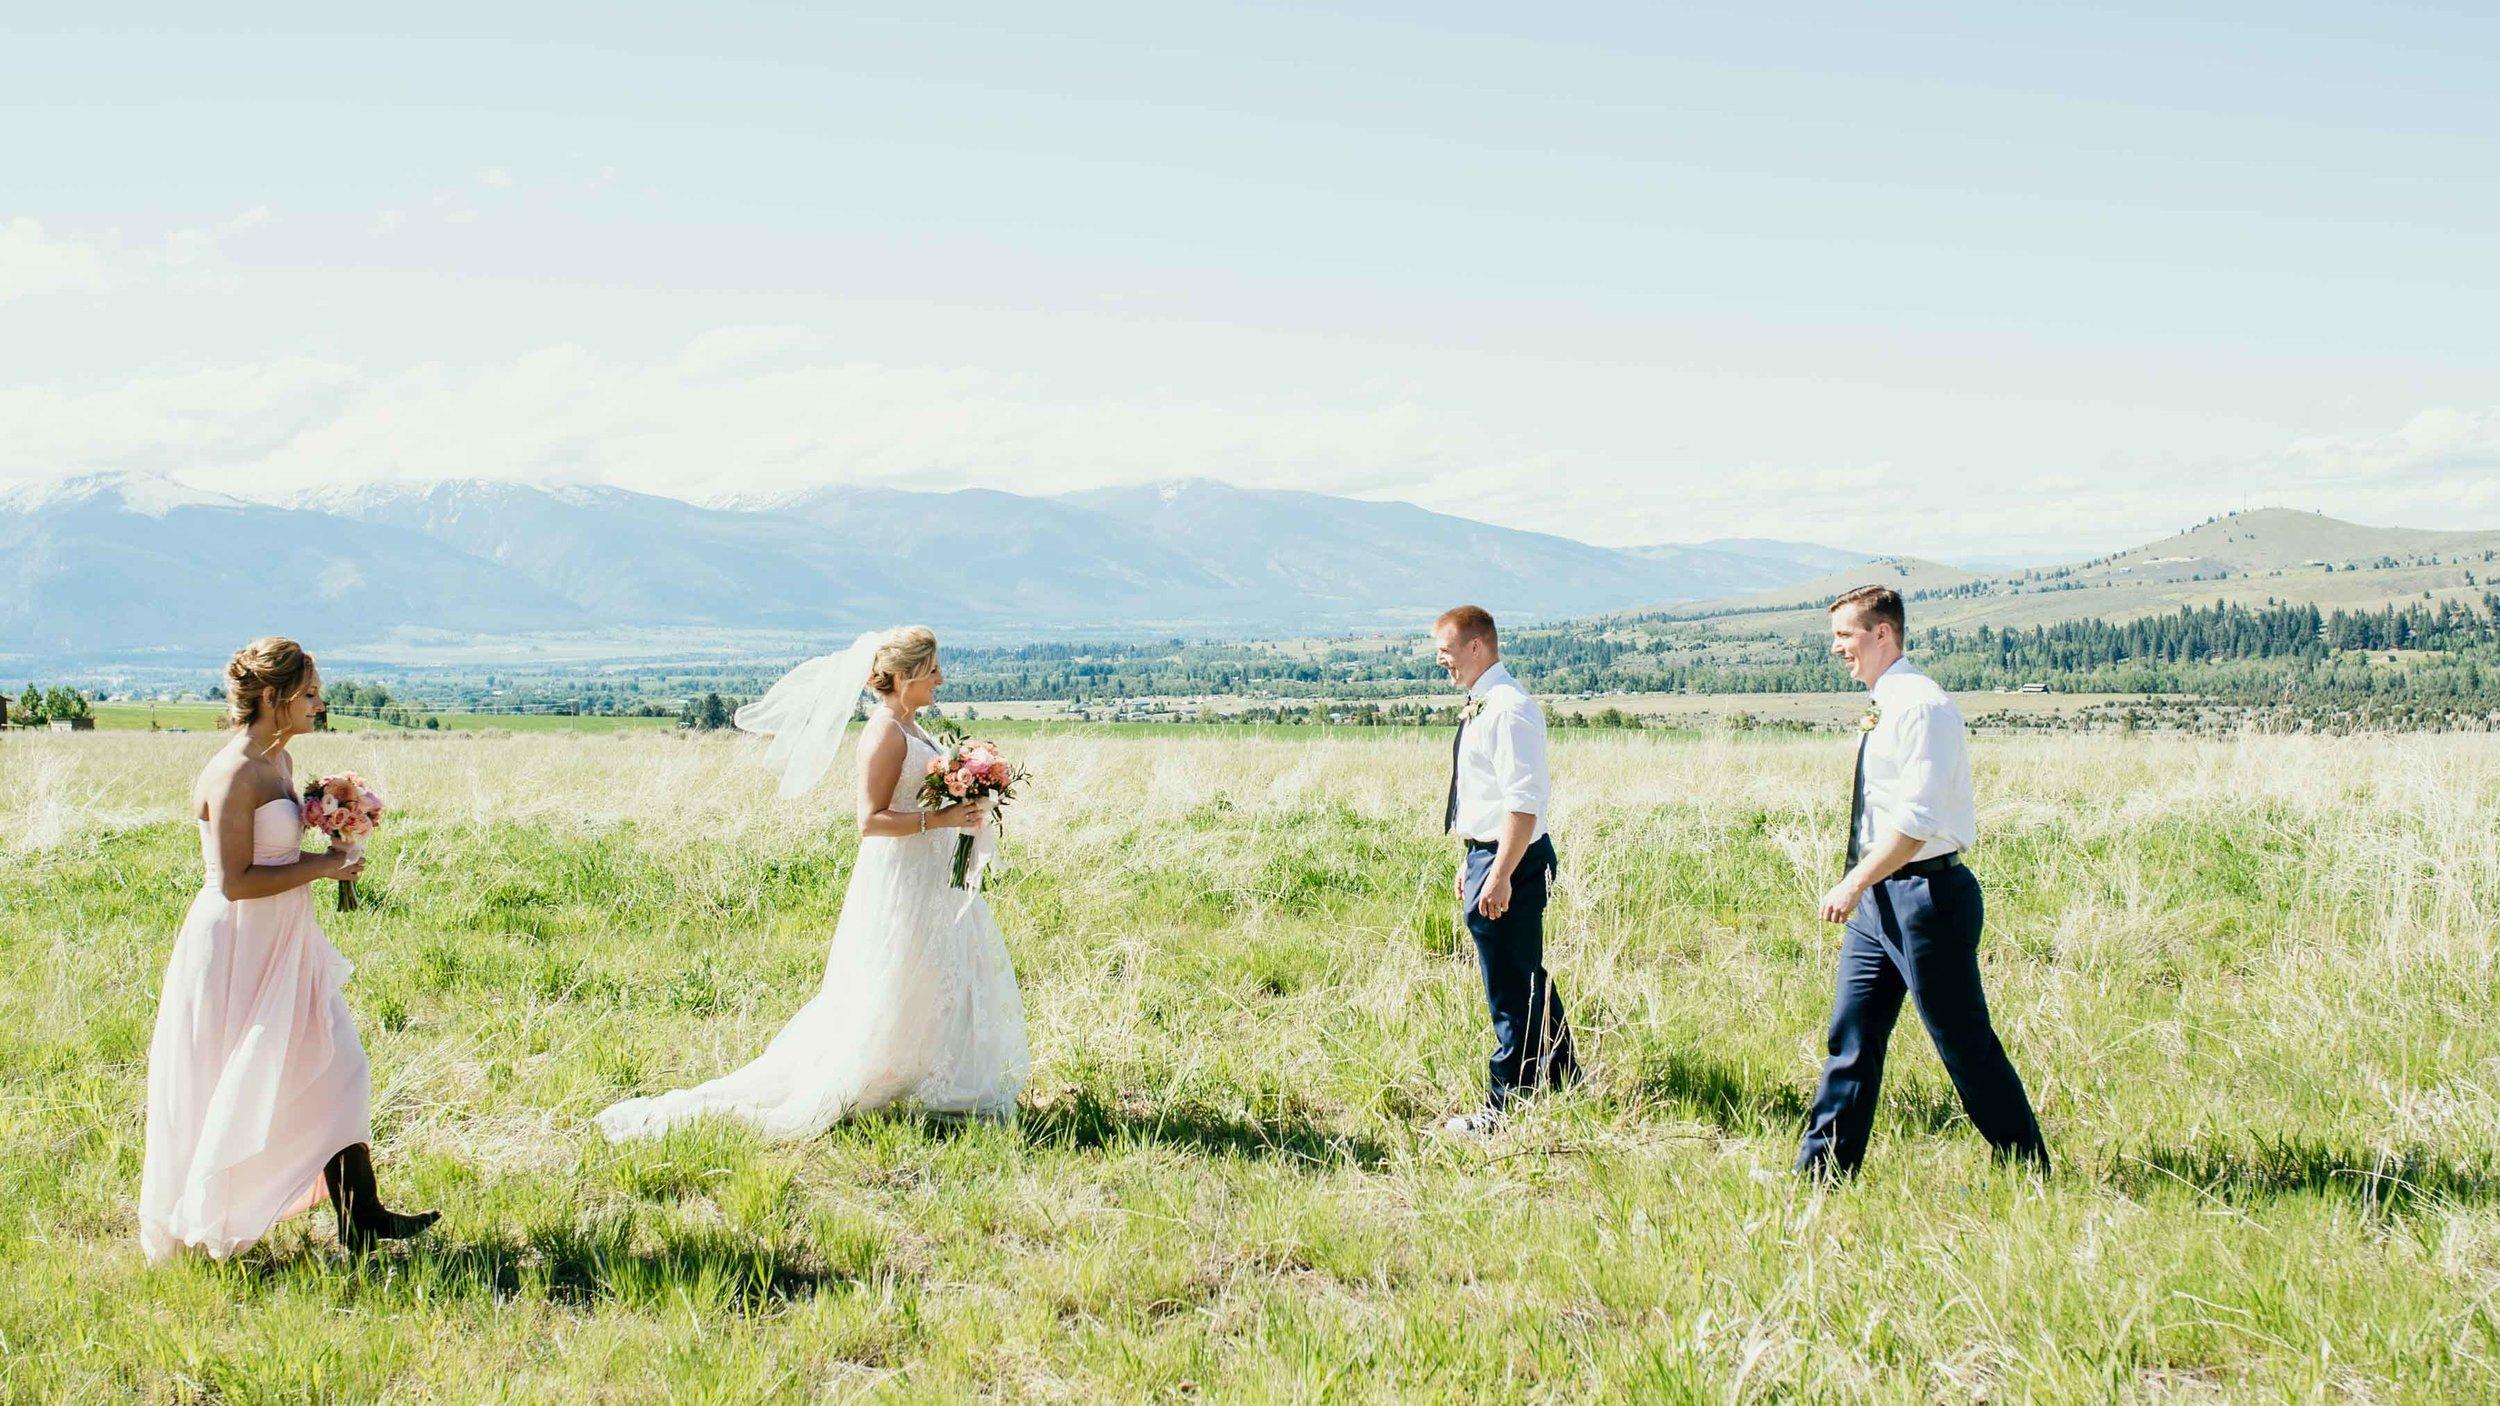 289 Montana Wedding Photographer_Doherty 2018-1904.jpg